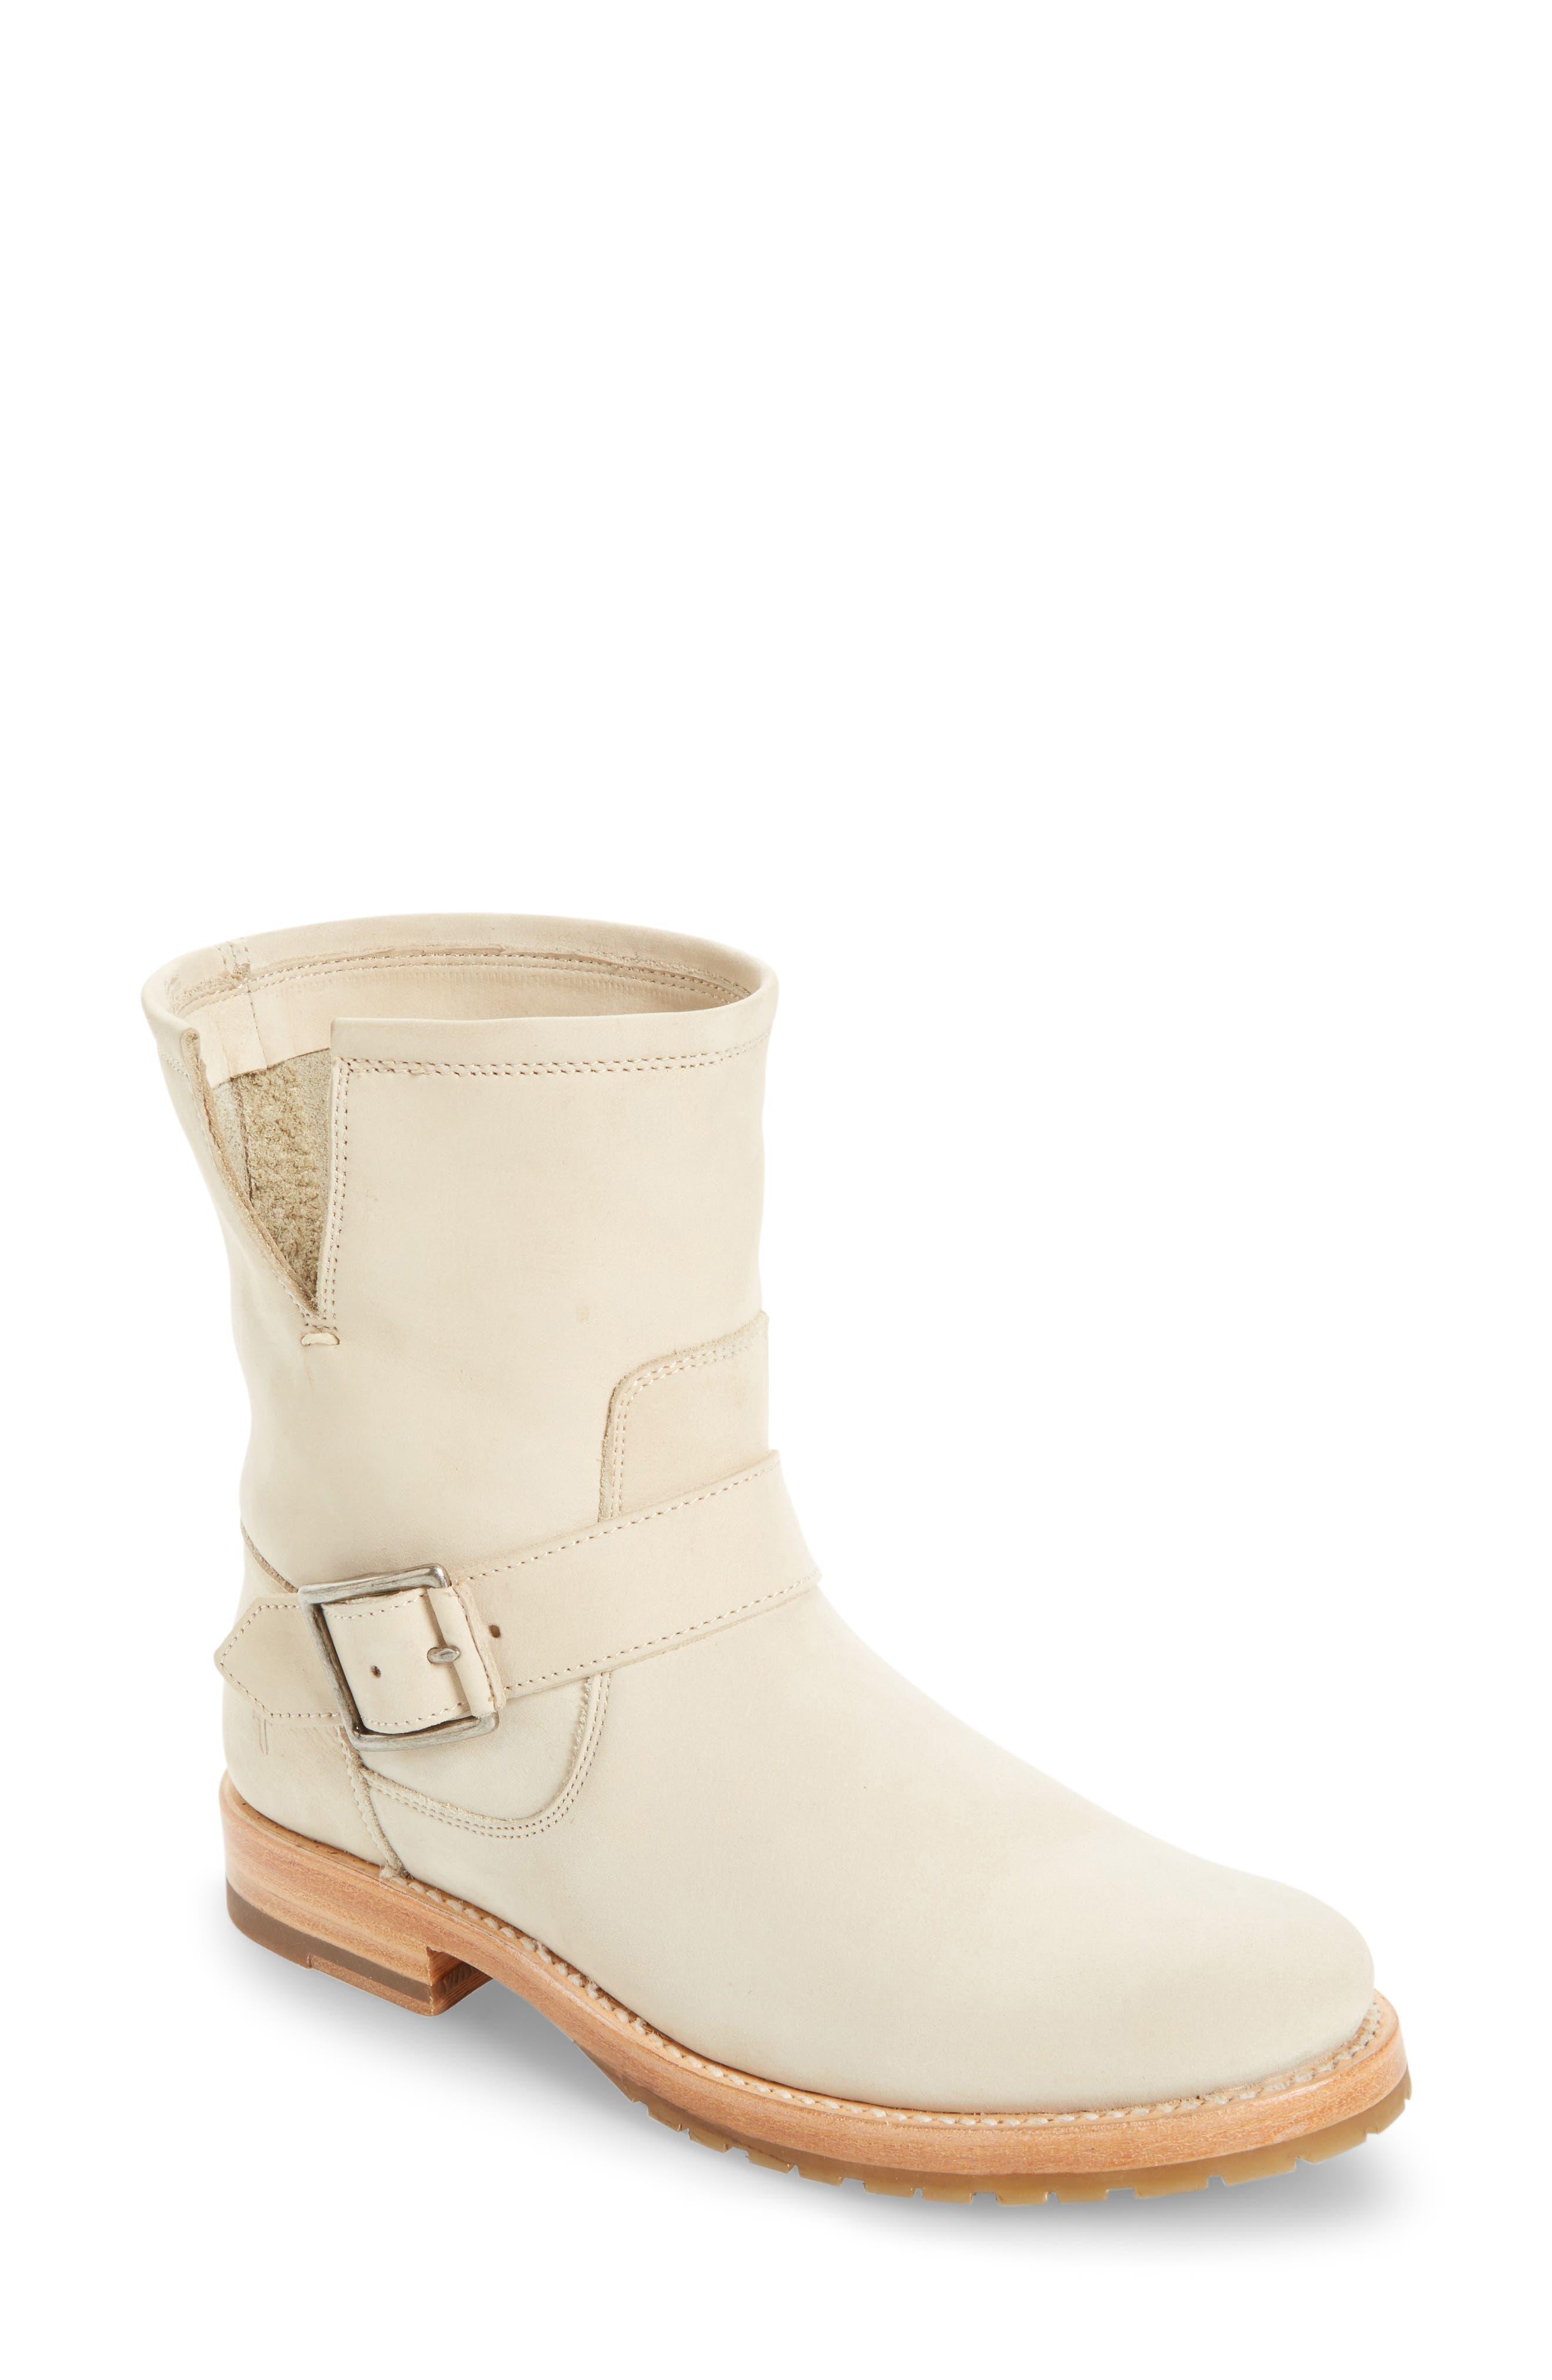 Alternate Image 1 Selected - Frye 'Natalie' Engineer Boot (Women)